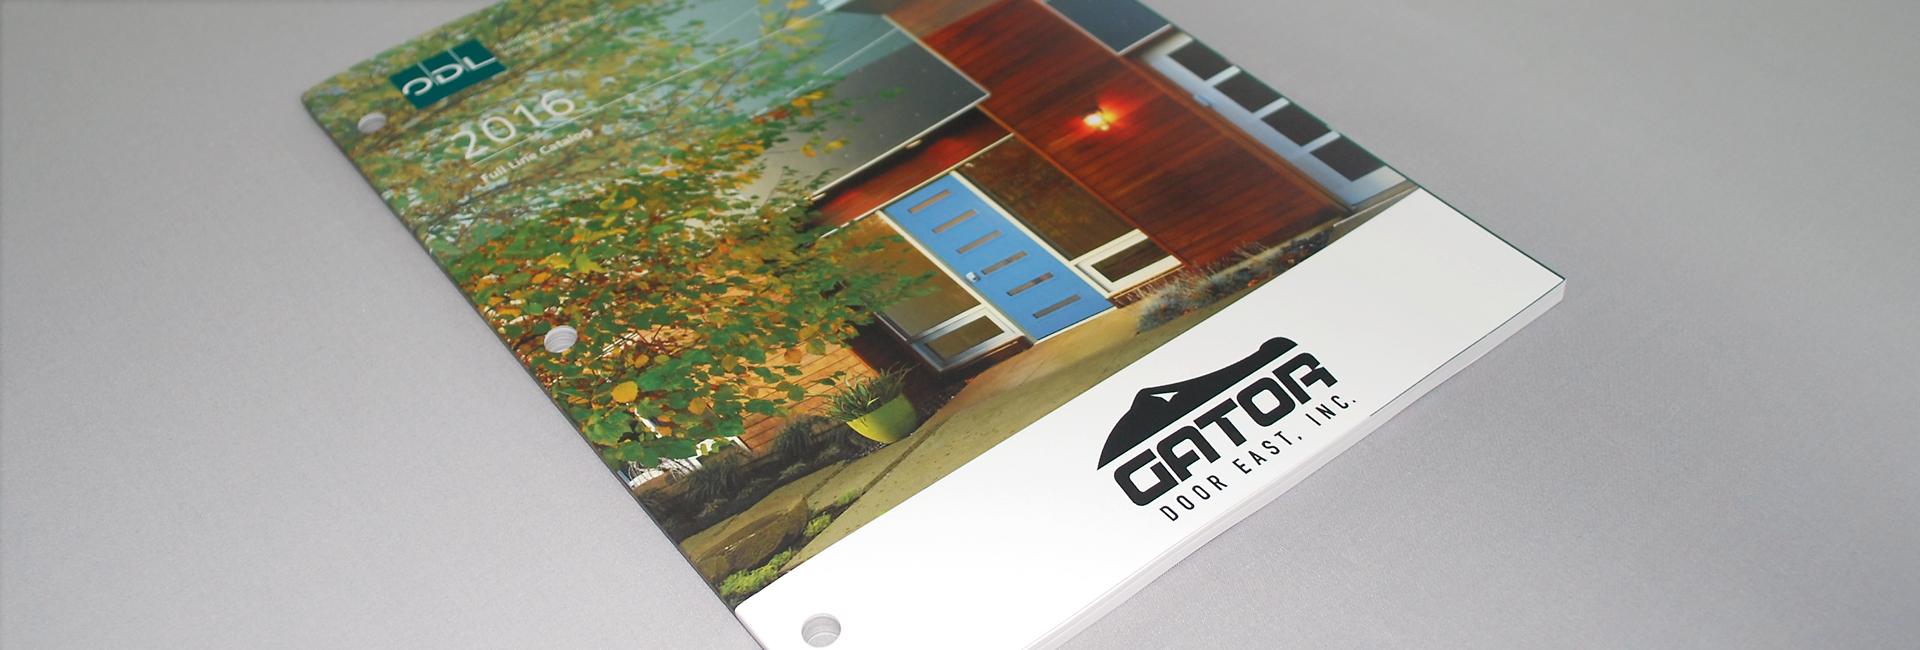 gatordoor-catalog